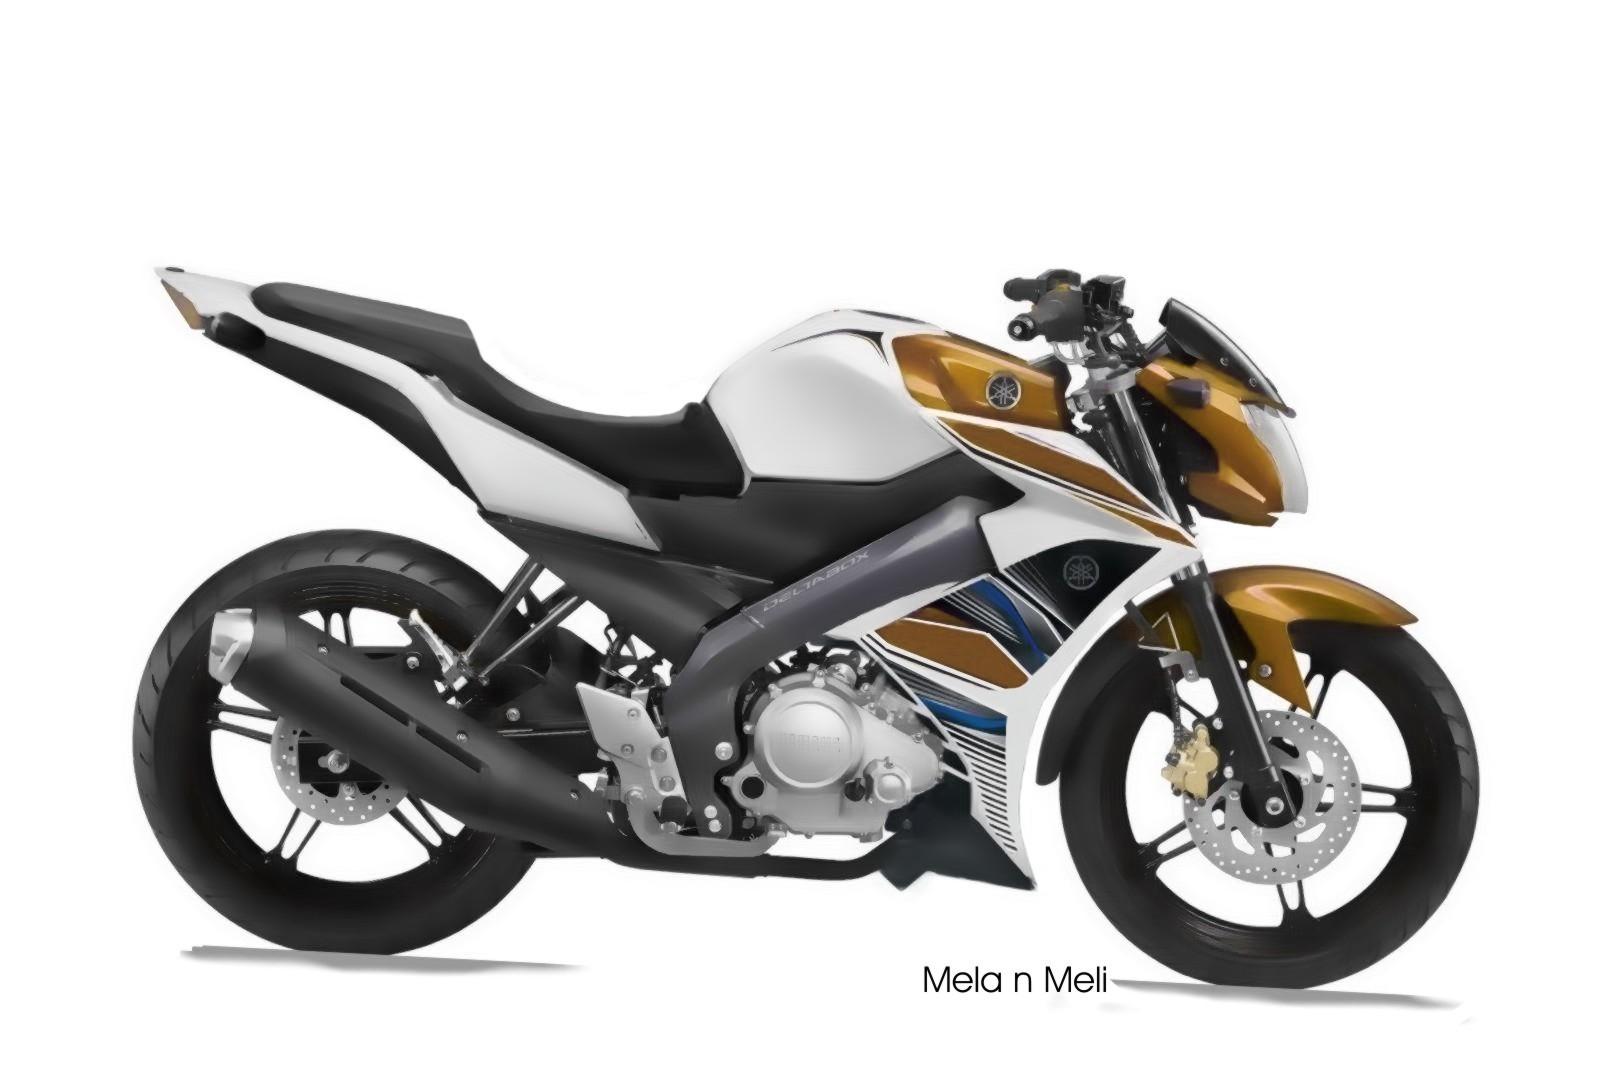 Gambar Modifikasi Motor Yamaha Vixion New 2016 Otomotify